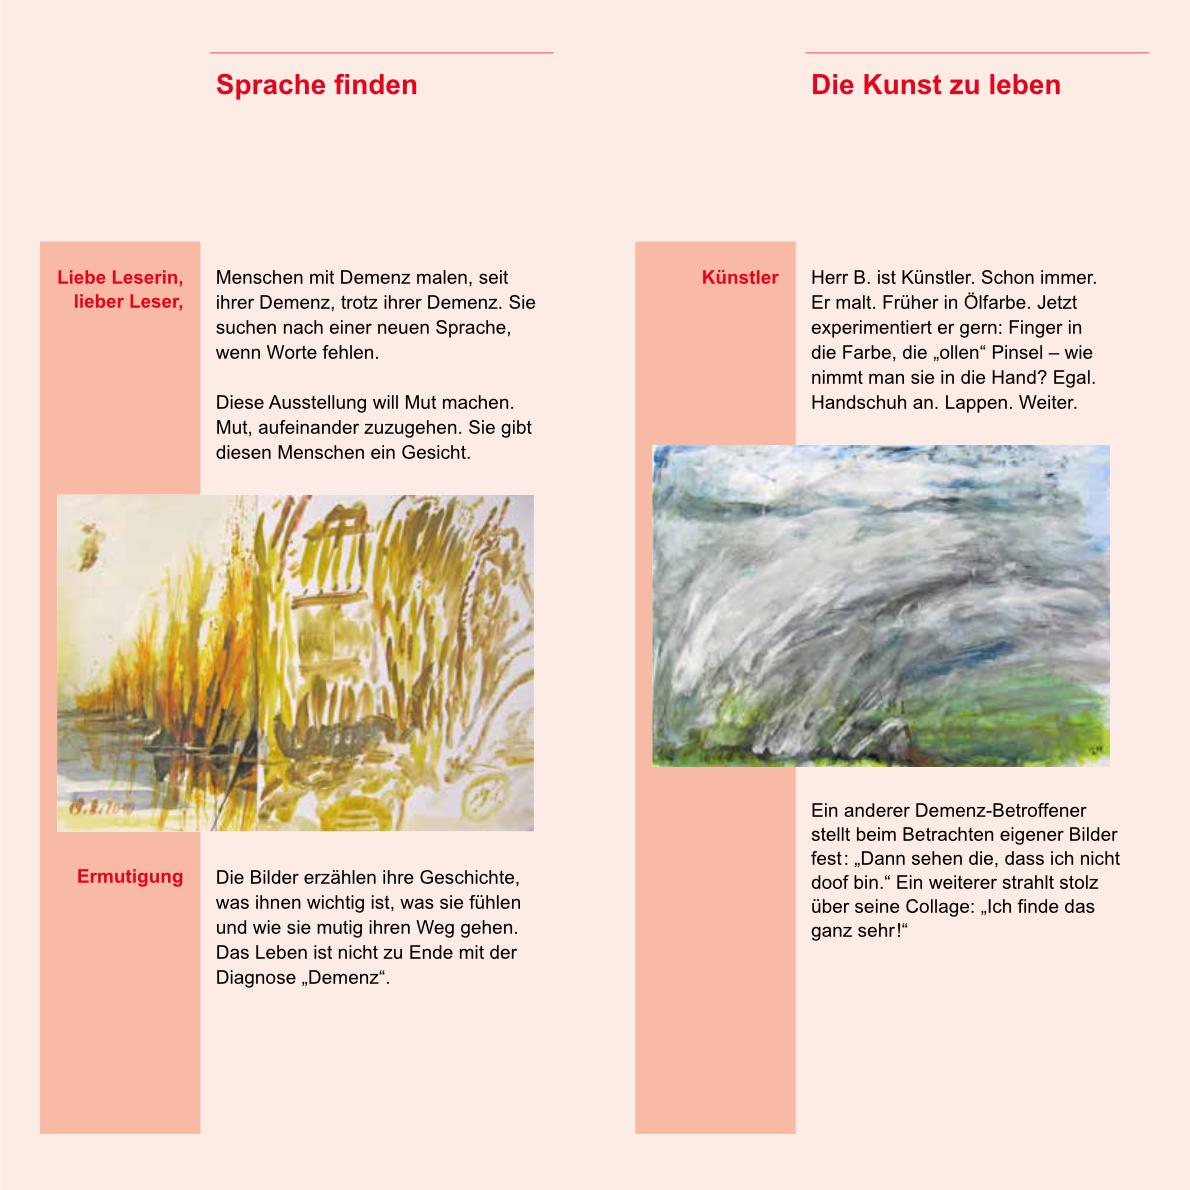 Demenz und die Kunst zu leben - Henriettenstiftung Hannover Seite 2